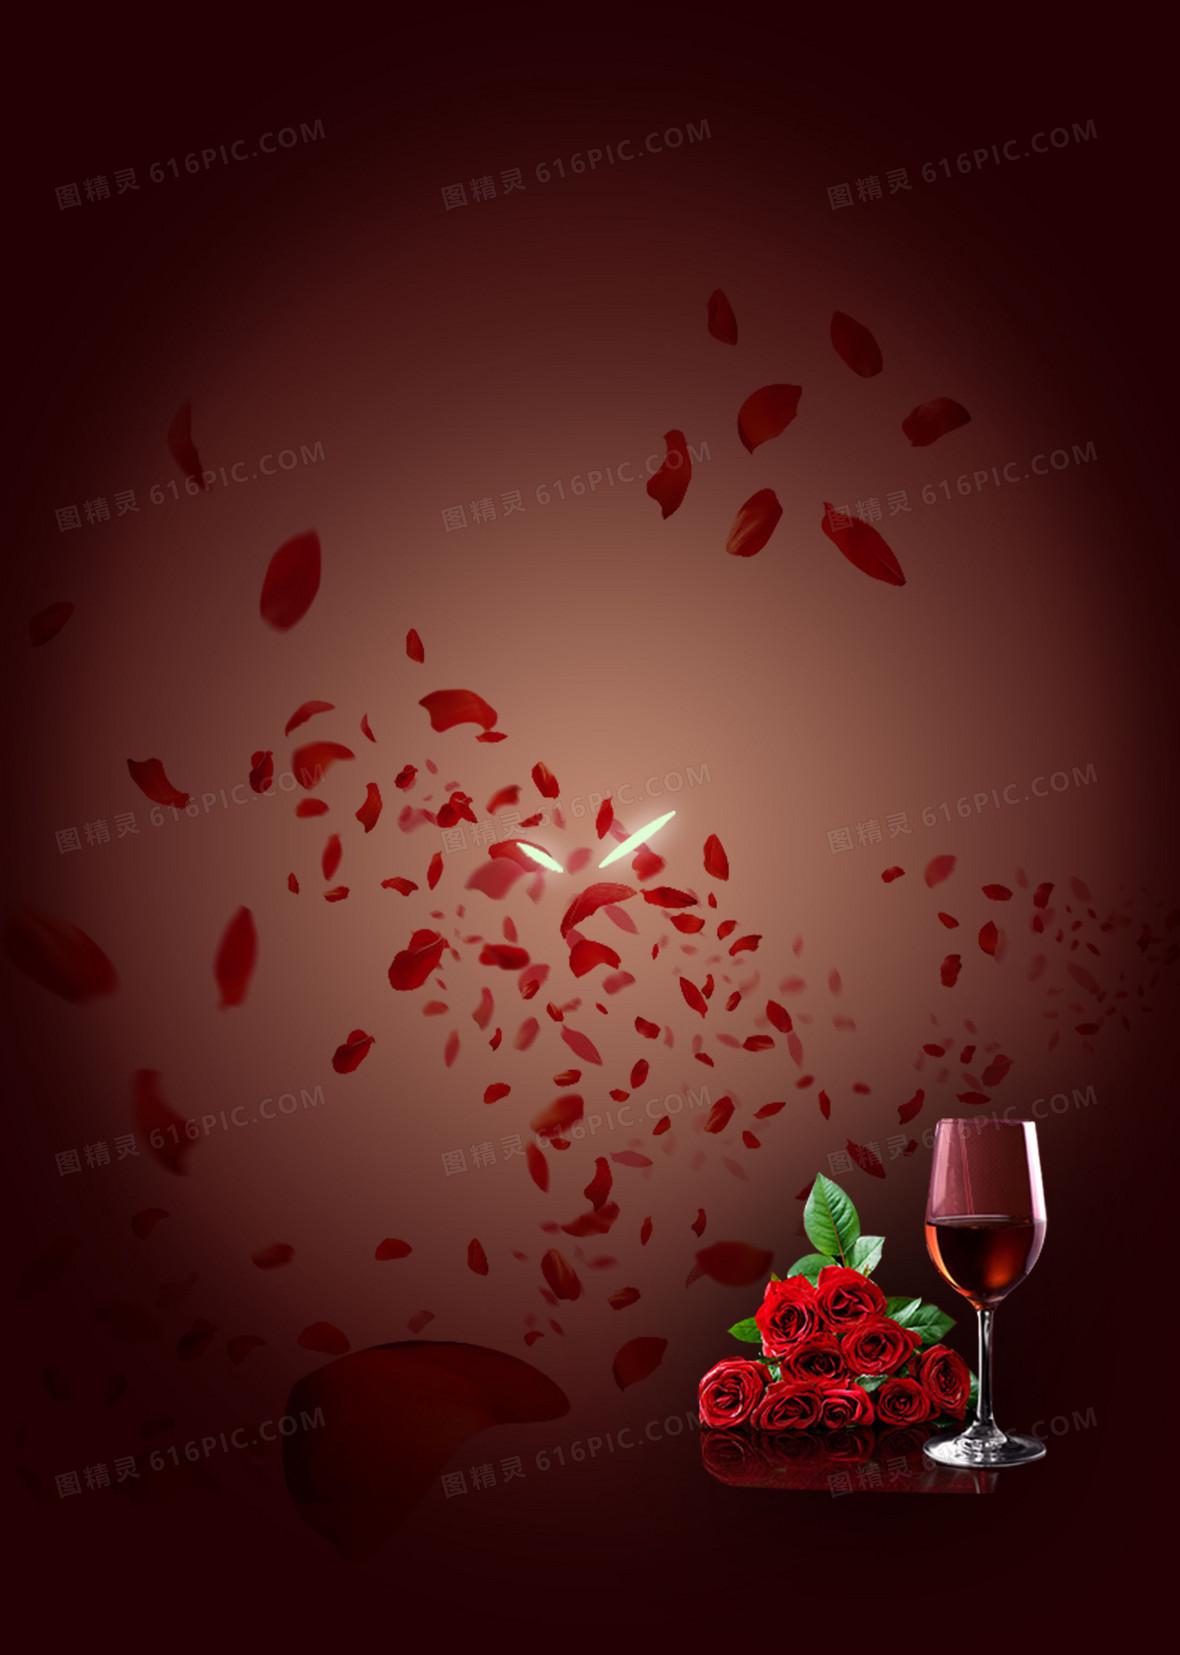 花瓣红酒海报背景素材